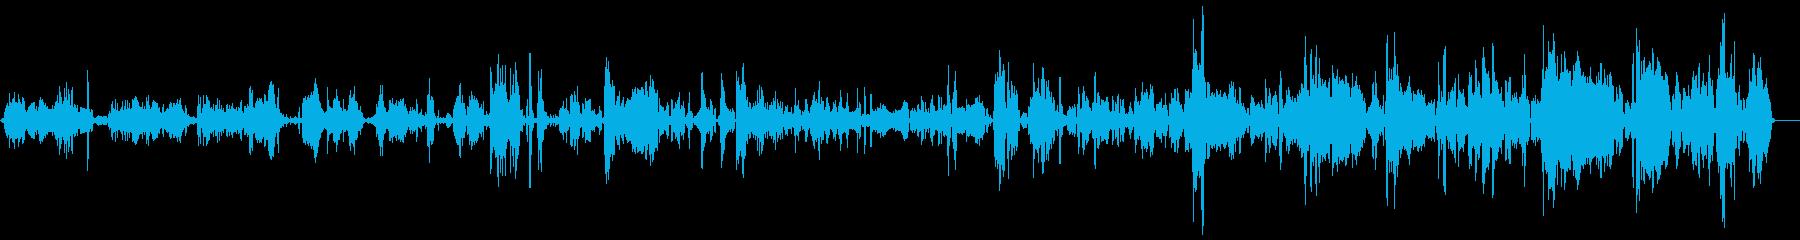 ゾンビ、シングルグロール呼吸1-10の再生済みの波形